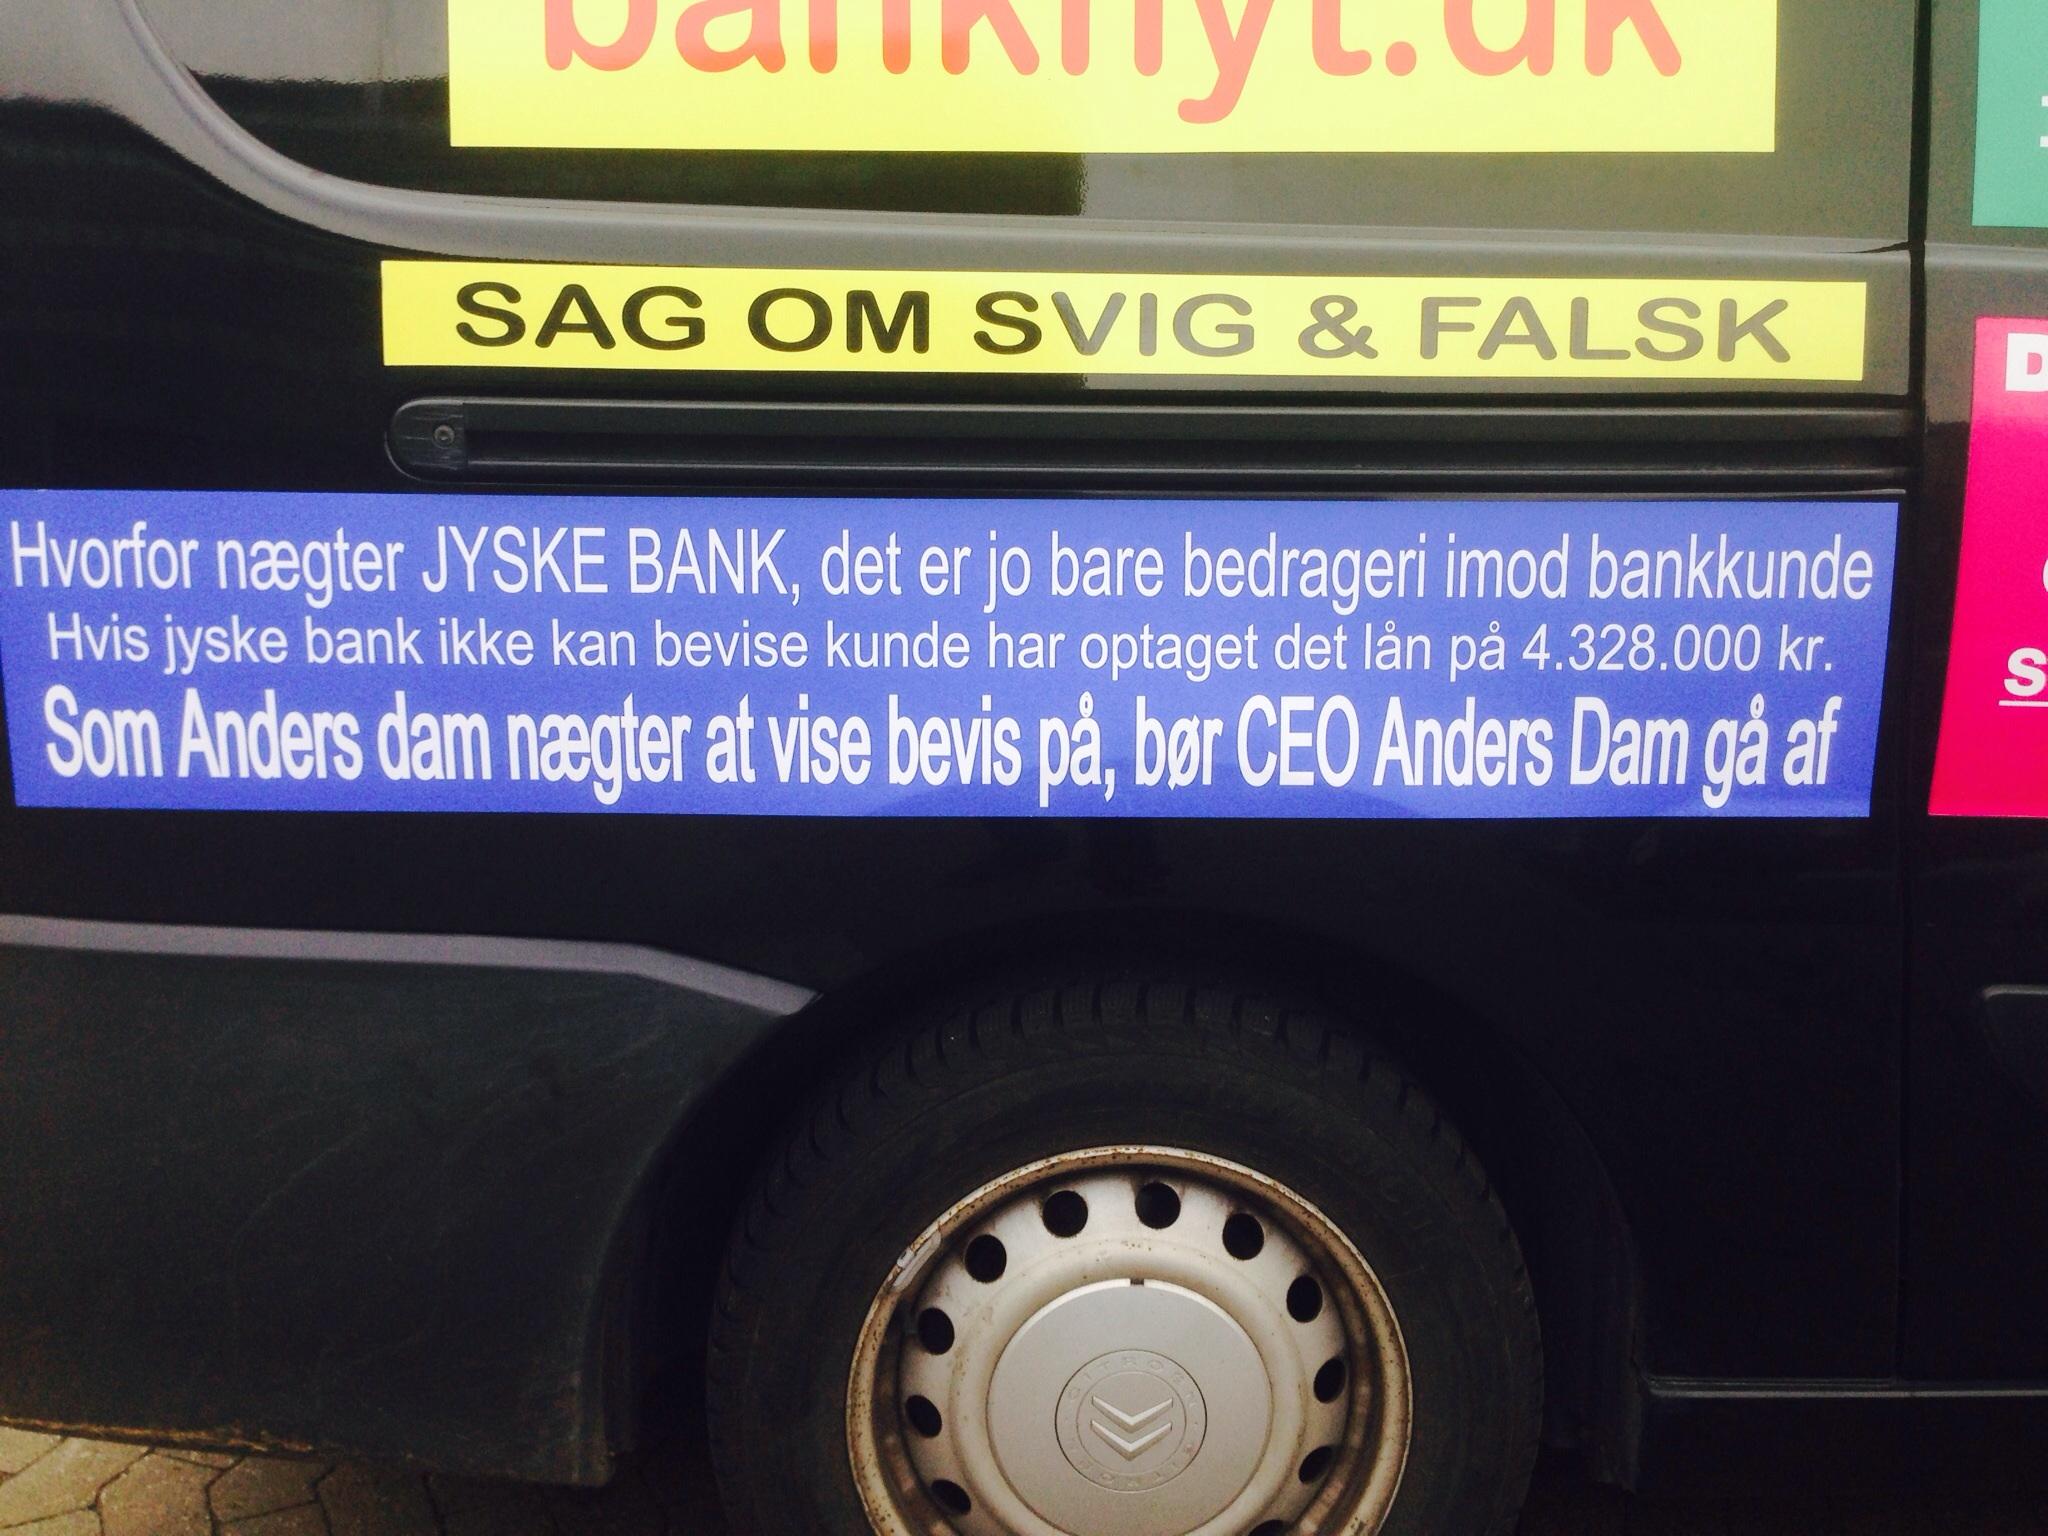 Denne her er lang, men om et alvorligt samfunds problem, om de danske bankers manglende hæderlighed, eller deres uhæderlighed :-) Kunder i jyske bank skal nok fortsat forvente, at banker som jyske bank, ikke vil holde sig tilbage i jagt på dine penge. DET ER ET SAMFUNDS PROBLEM AT DANSKE BANKER SOM JYSKE BANK LAVER OG FORTSÆTTER BEDRAGERI EN BANK SOM NÆGTER AT VISE KUNDE DOKUMENTATION PÅ ET PÅSTÅET LÅN ET LÅN SOM JYSKE BANK I 10 ÅR HAR TAGET RENTER FOR, MED PÅSTAND OM EN RENTE SIKRING PÅ DETTE PÅSTÅET BAGVEDLIGGENDE LÅN. :-( At bedrageri mod bankens kunder, ikke er hindring for jyske banks i bankens jagt På profit til bankens aktionærer som ATP :-( ATP pensions selskabet som de fleste Danskere er en del af, kender til Jyske Banks bedrageri ATP fondens bestyrelse er fuldt ud oplyst ved beviser og orienteret om at jyske bank udsætter kunder for groft tvang, udnyttelse og bedrageri :-( :-( Da jyske bank fortsætter bedrageri banken er velvidende om. Kan kun være fordi at Bedrageriet sker med fuld opbakning fra den samlede koncernledelse i jyske bank. Og bankens leder CEO direktør, som Anders Dam Vil jyske bank arbejde, for at kunne fortsætte bankens bedrageri imod os kunder JYSKE BANK ER. Uetisk Uhæderlig Ja jyske bank er direkte kriminel i bankens handling, det er fortsat. :-) MON VI ER VI DE ENSTE JYSKE BANK UDSÆTTER FOR BEDRAGERI NÆPPE Vi var bare den der først fanger jyske bank i et udspekuleret, og et sadledes endog meget groft bedrageri imod bankens kunde. :-( :-( HVEM KA JYSKE BANK KA Sponsor Boxen i Herning Jyske Bank Boxen byder på bl.a. koncerter, shows og sport. Se programmet her. Oversigt over kommende arrangementer. :-( :-( Taler om et bedrageri Jyske Banks Koncernledelse, siden bankens bestyrelse i april / maj måned 2016 Da Bankens Advokat Morten Ulrik Gade Og bankens Advokater Lund Elmer Sandager Ligesom direktør og ordstyrende formand CEO Anders Dam Og igen bestyrelsen i jyske bank - Direkte meget klart og tydligt, blivet oplyst om forhold Så at bankens 